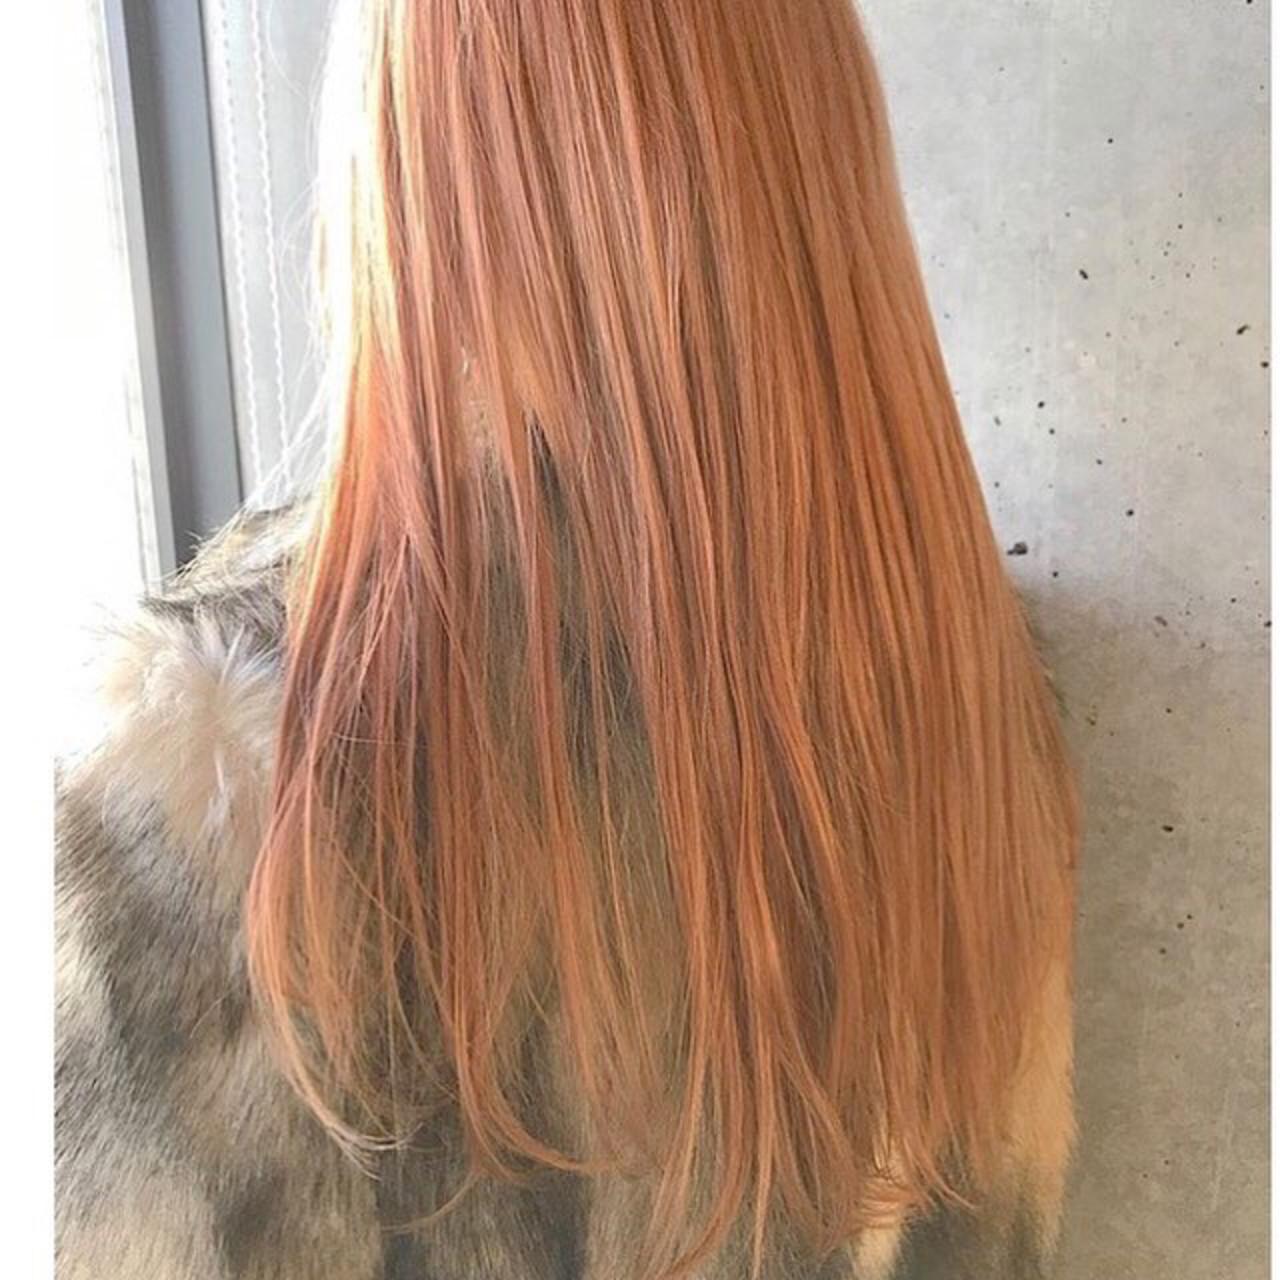 ガーリー 外国人風カラー アプリコットオレンジ ハイトーン ヘアスタイルや髪型の写真・画像 | Rie Akita / LOAVE omotesando